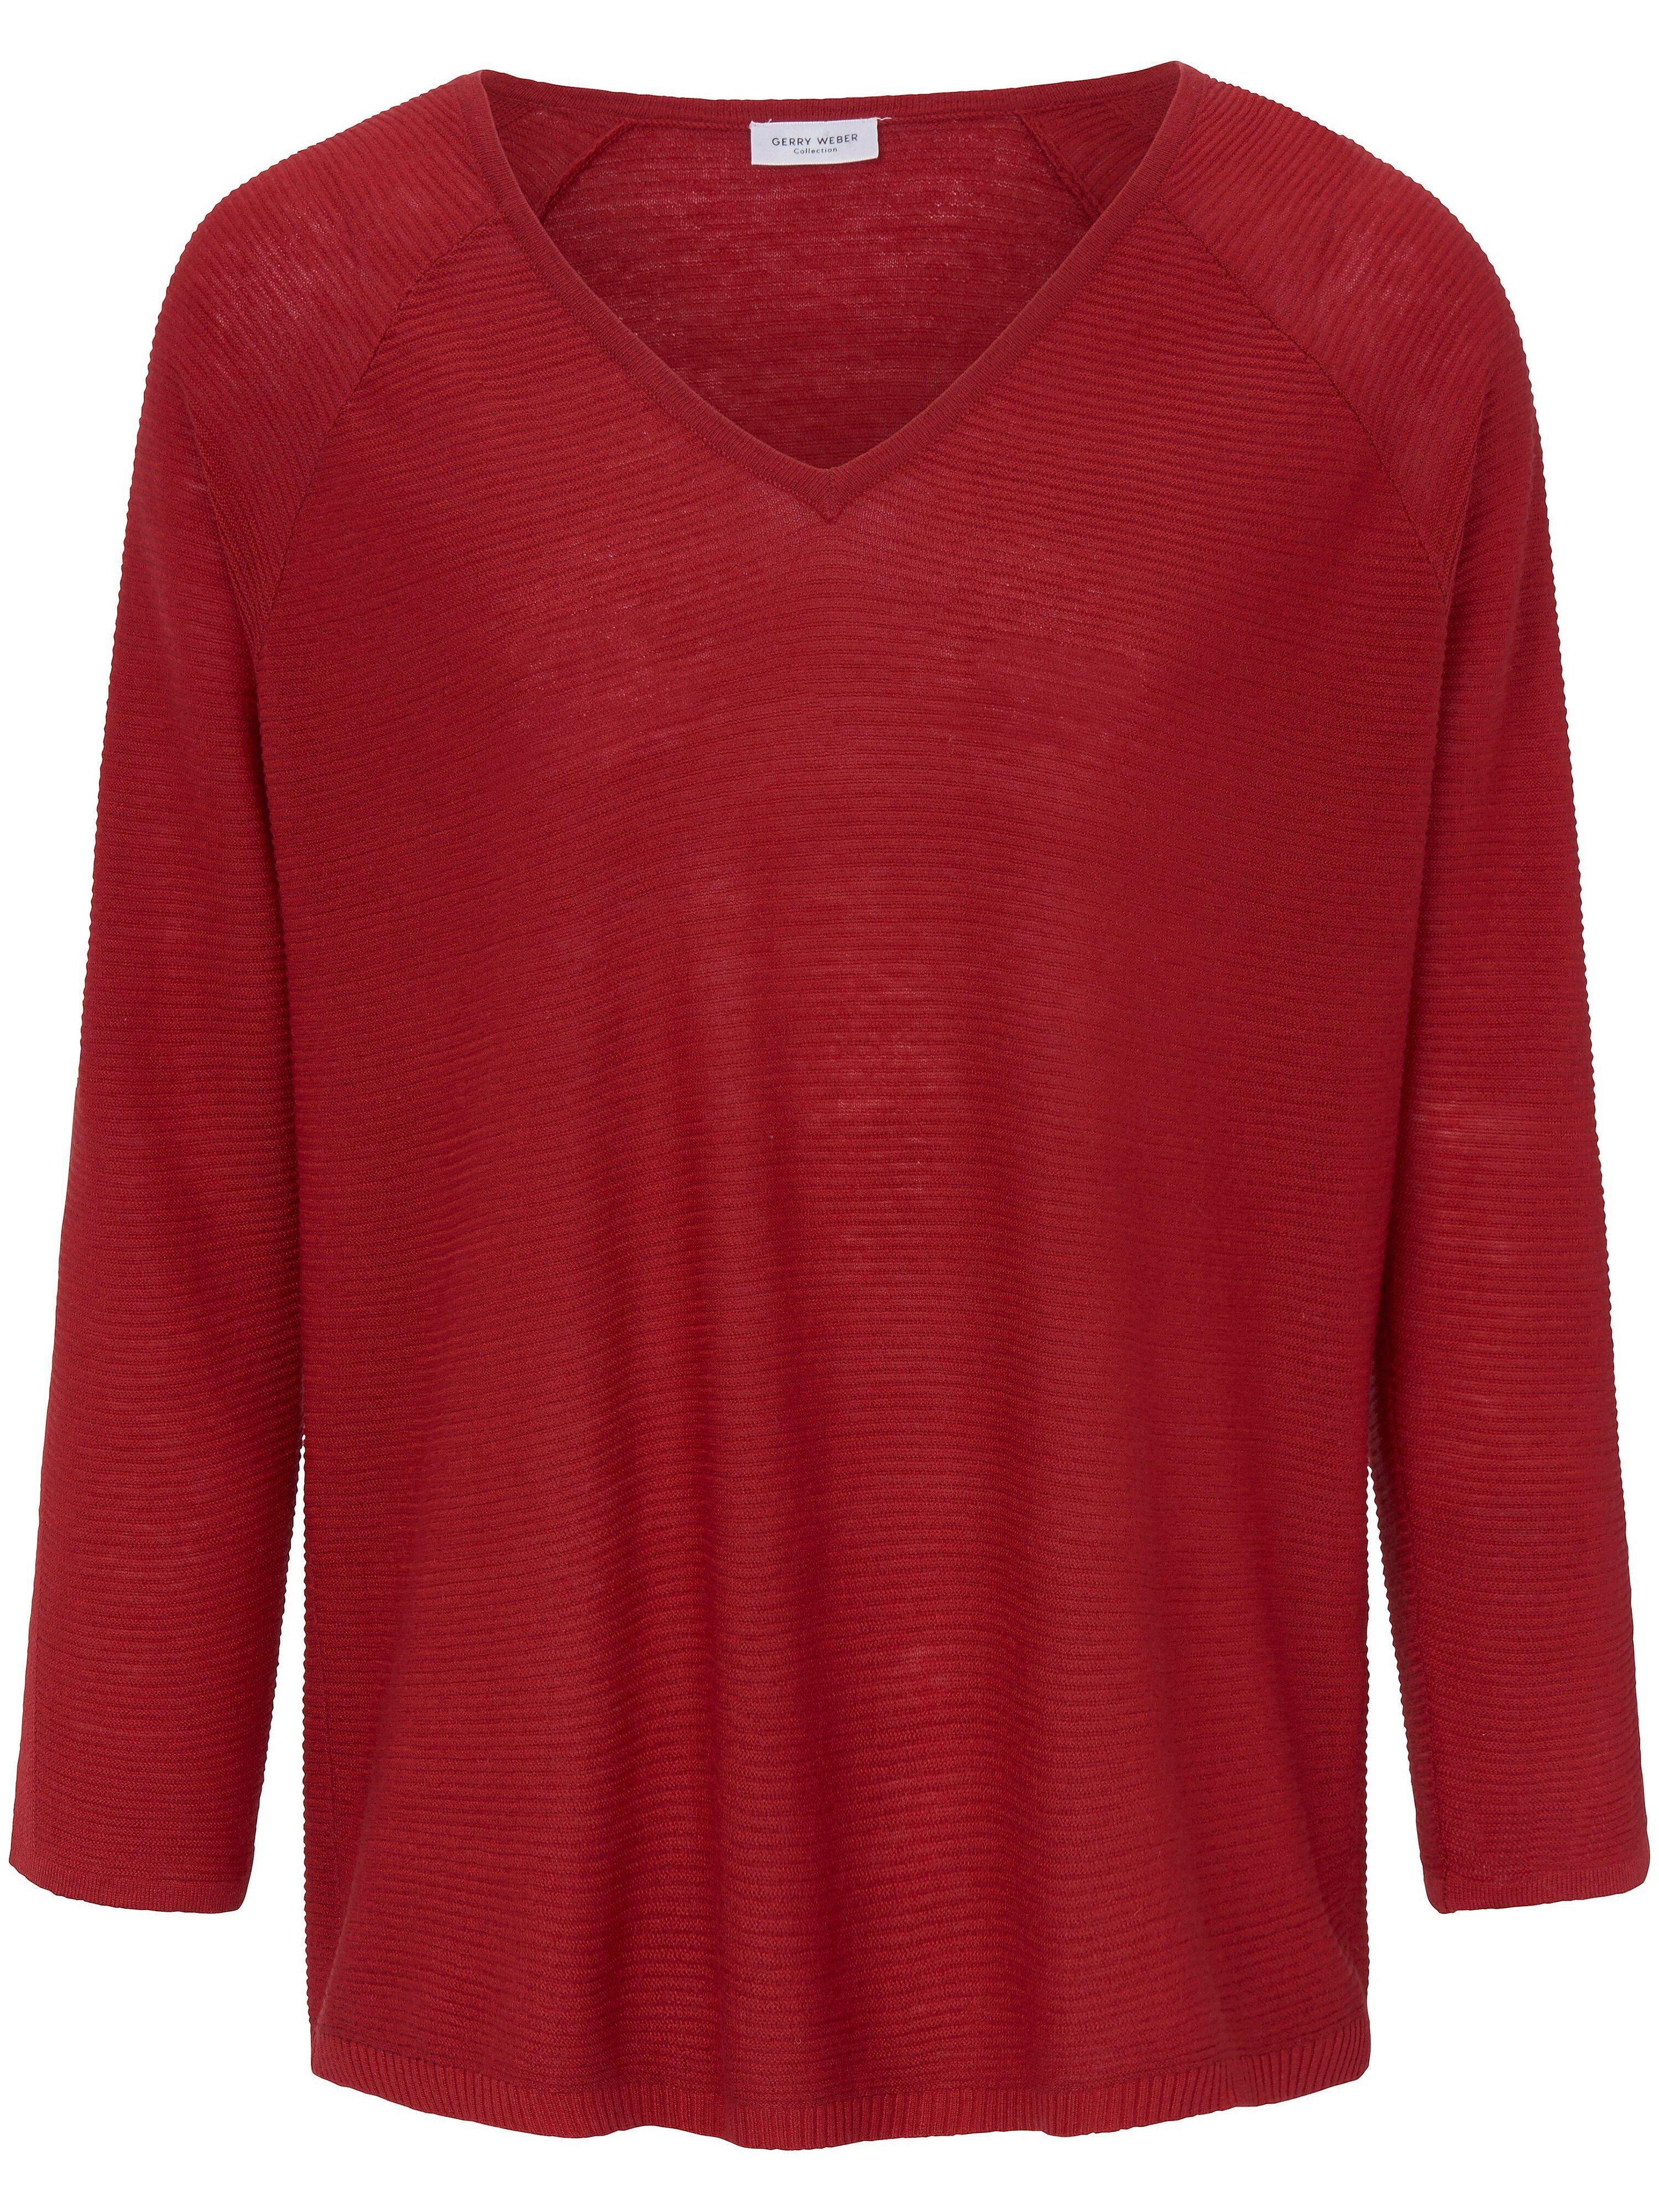 V-Pullover 7/8-Raglanarm Gerry Weber rot | Bekleidung > Pullover > V-Pullover | Gerry Weber